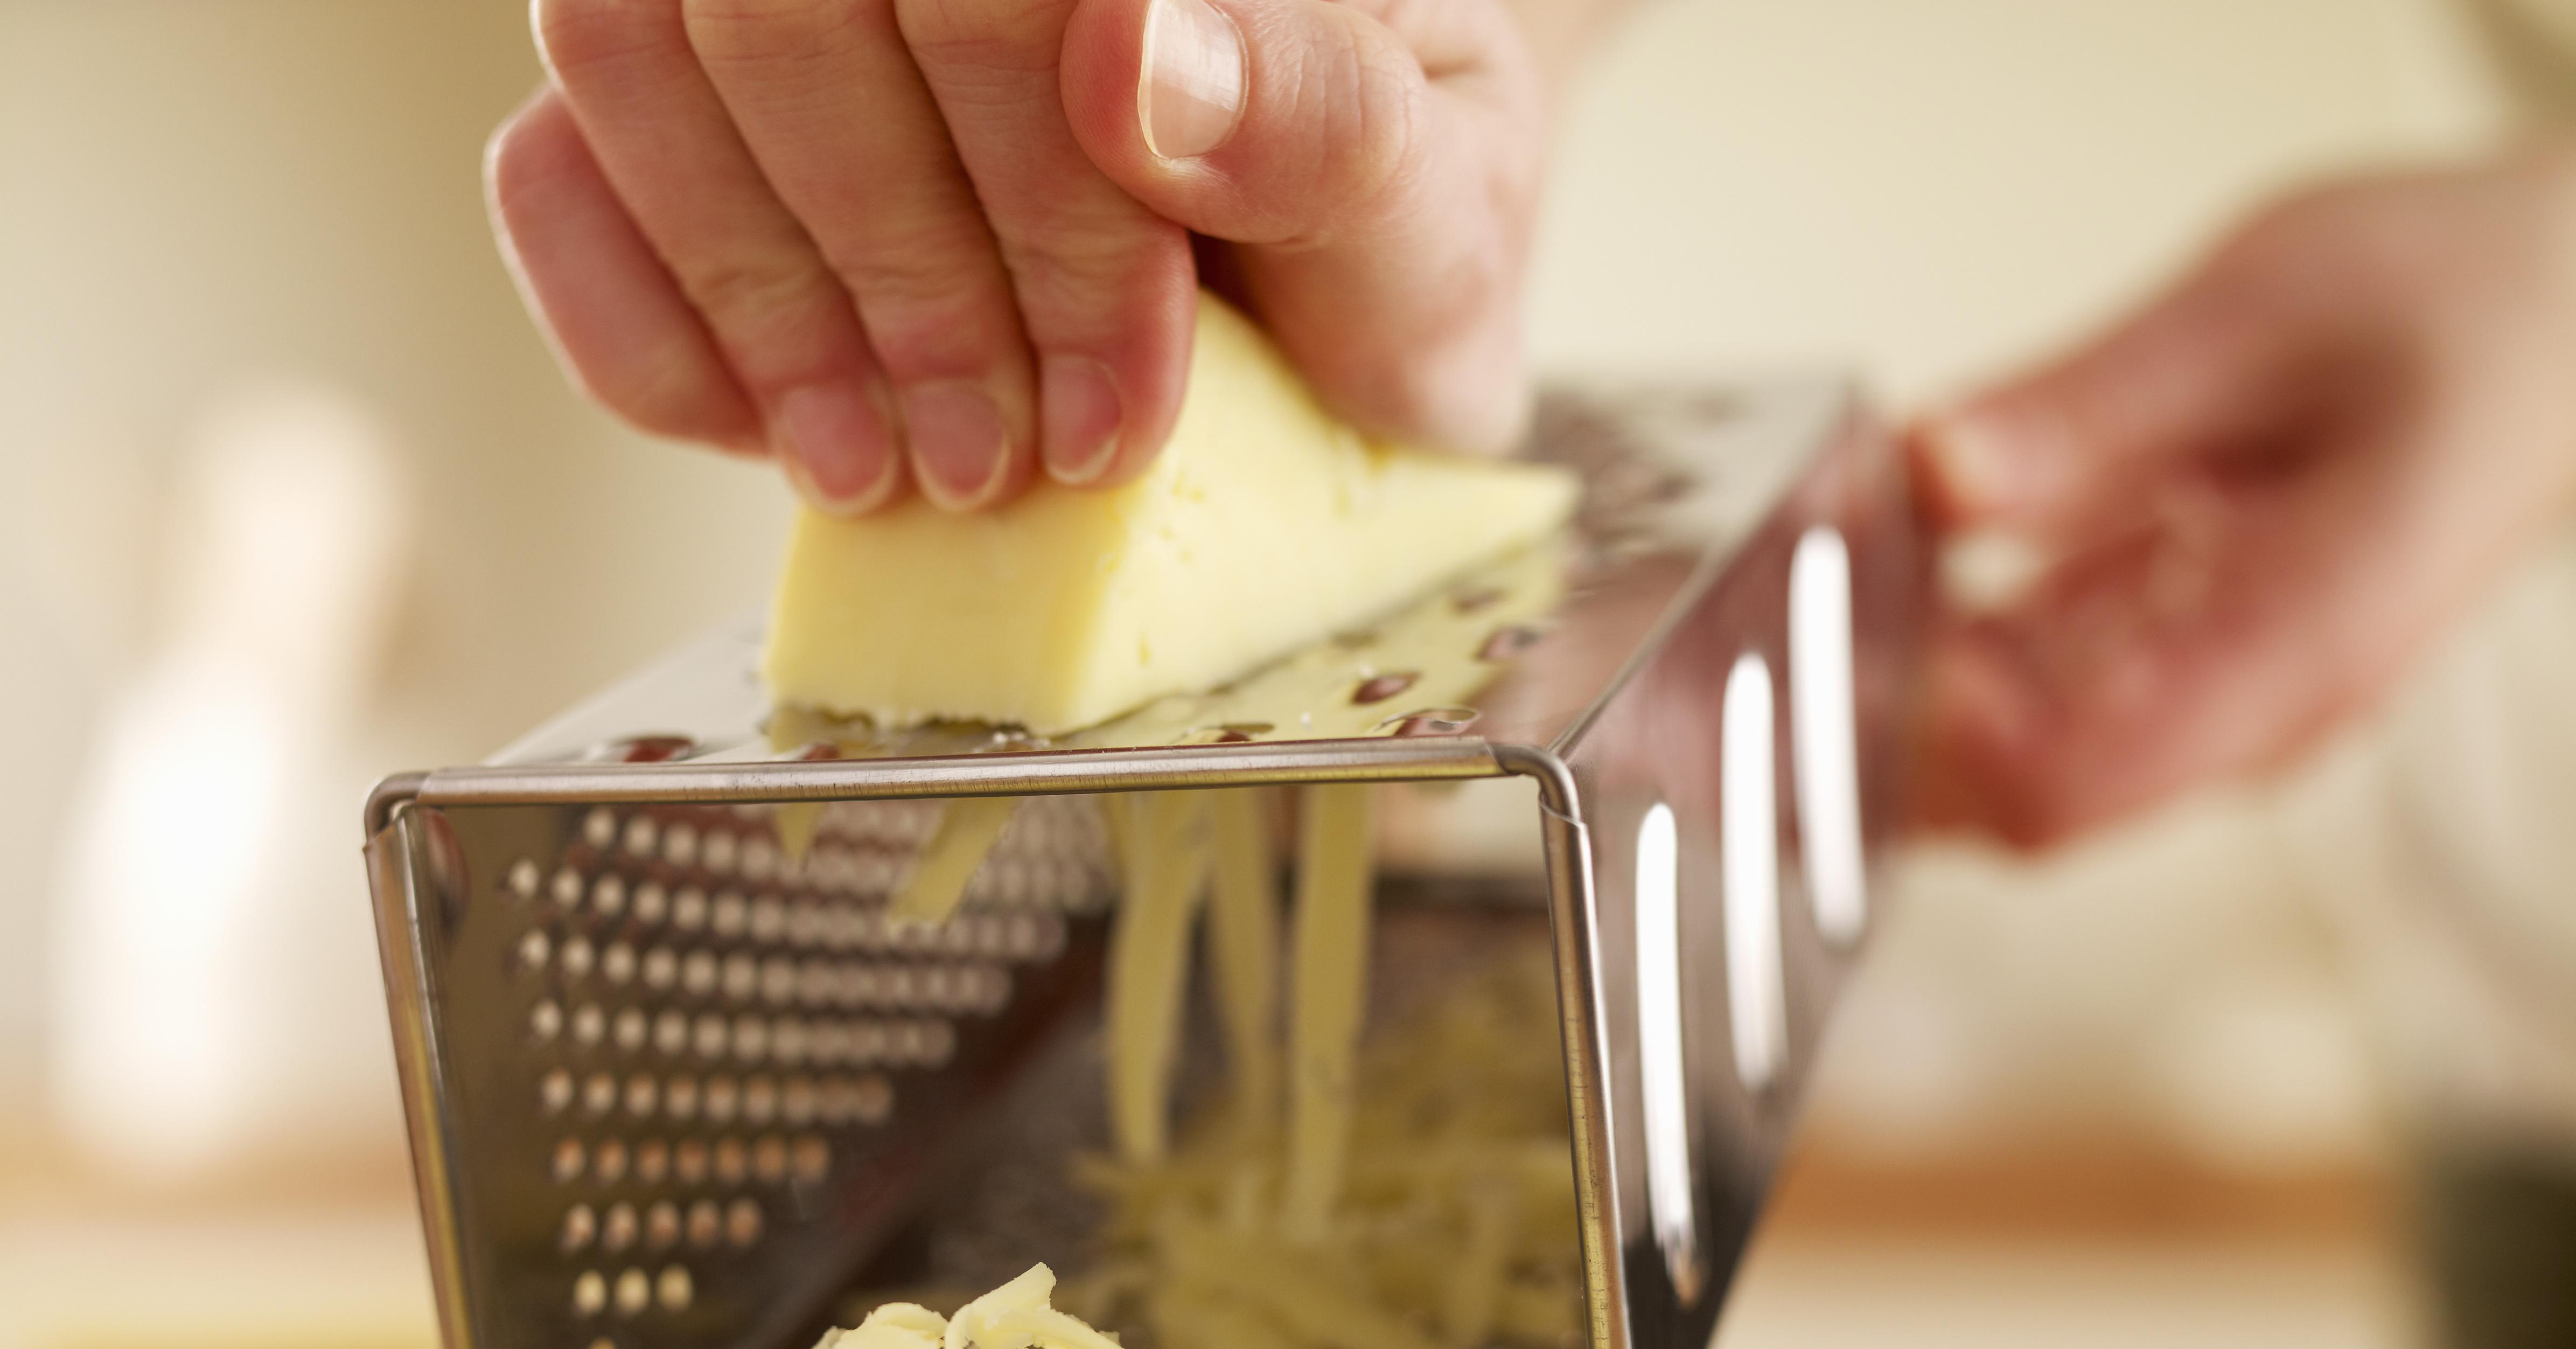 Кулинарный рецепт домашнего сыра